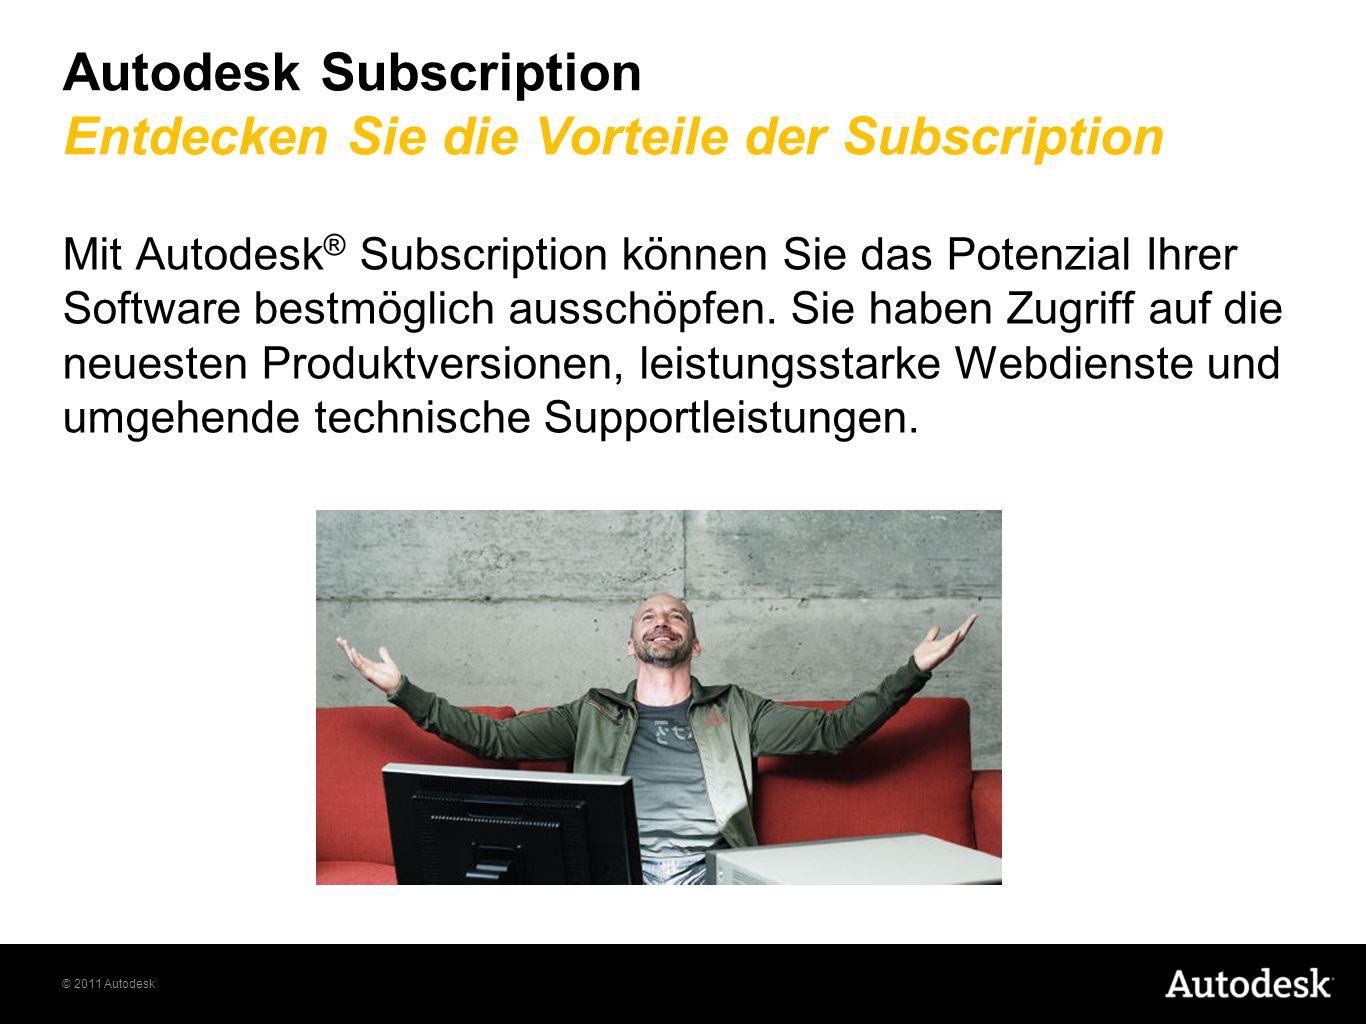 © 2011 Autodesk Autodesk Subscription Entdecken Sie die Vorteile der Subscription Mit Autodesk ® Subscription können Sie das Potenzial Ihrer Software